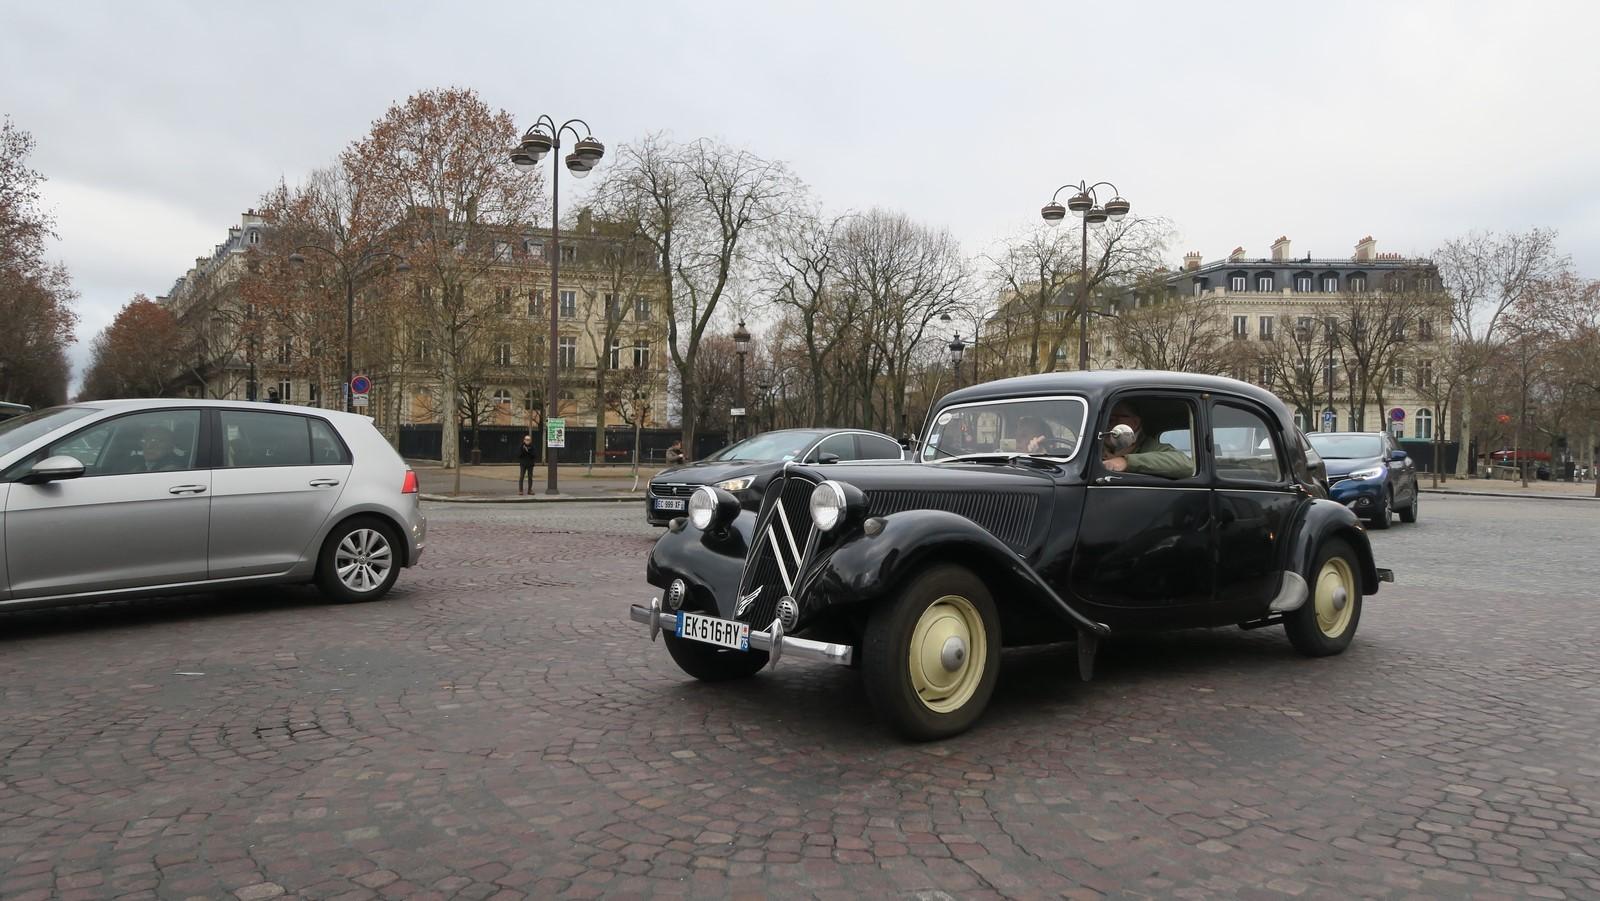 Traversee de Paris hivernale 2019 FM 65